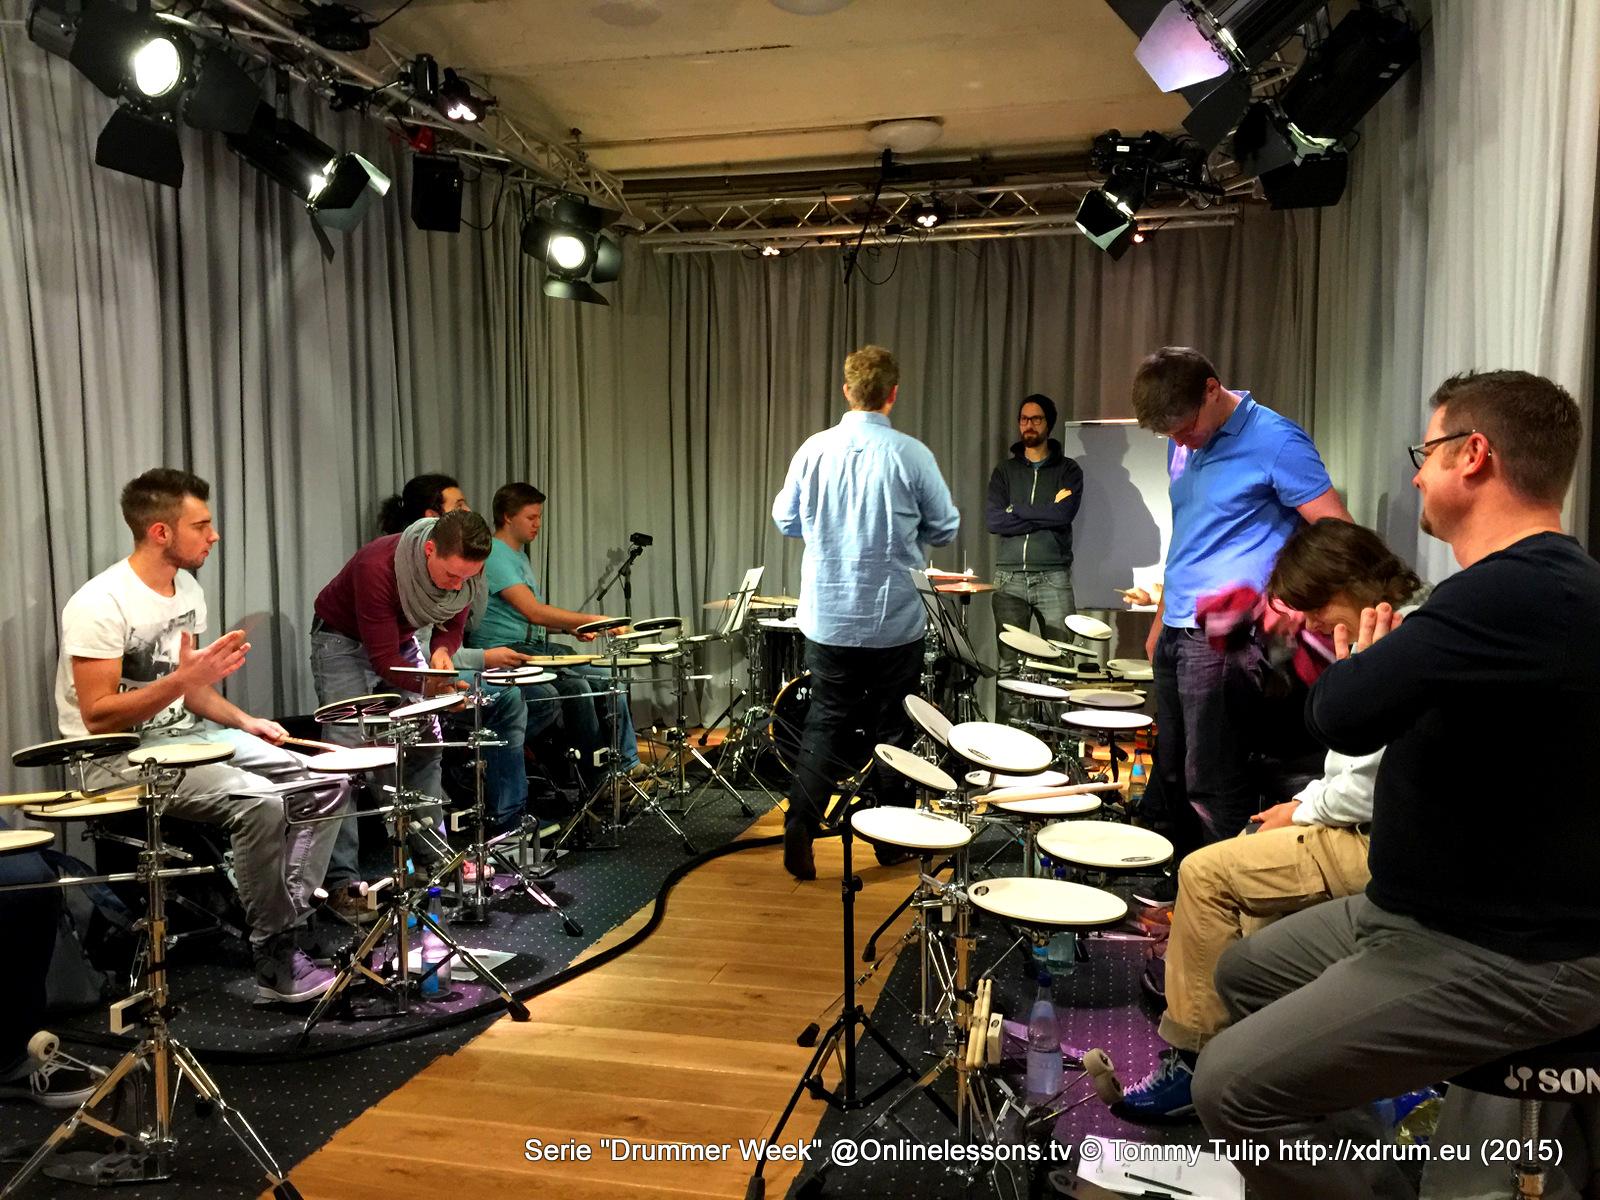 Florian Alexandru-Zorn (von hinten) und Benny Greb - Drummer Week 10.15 Onlinelessons.tv